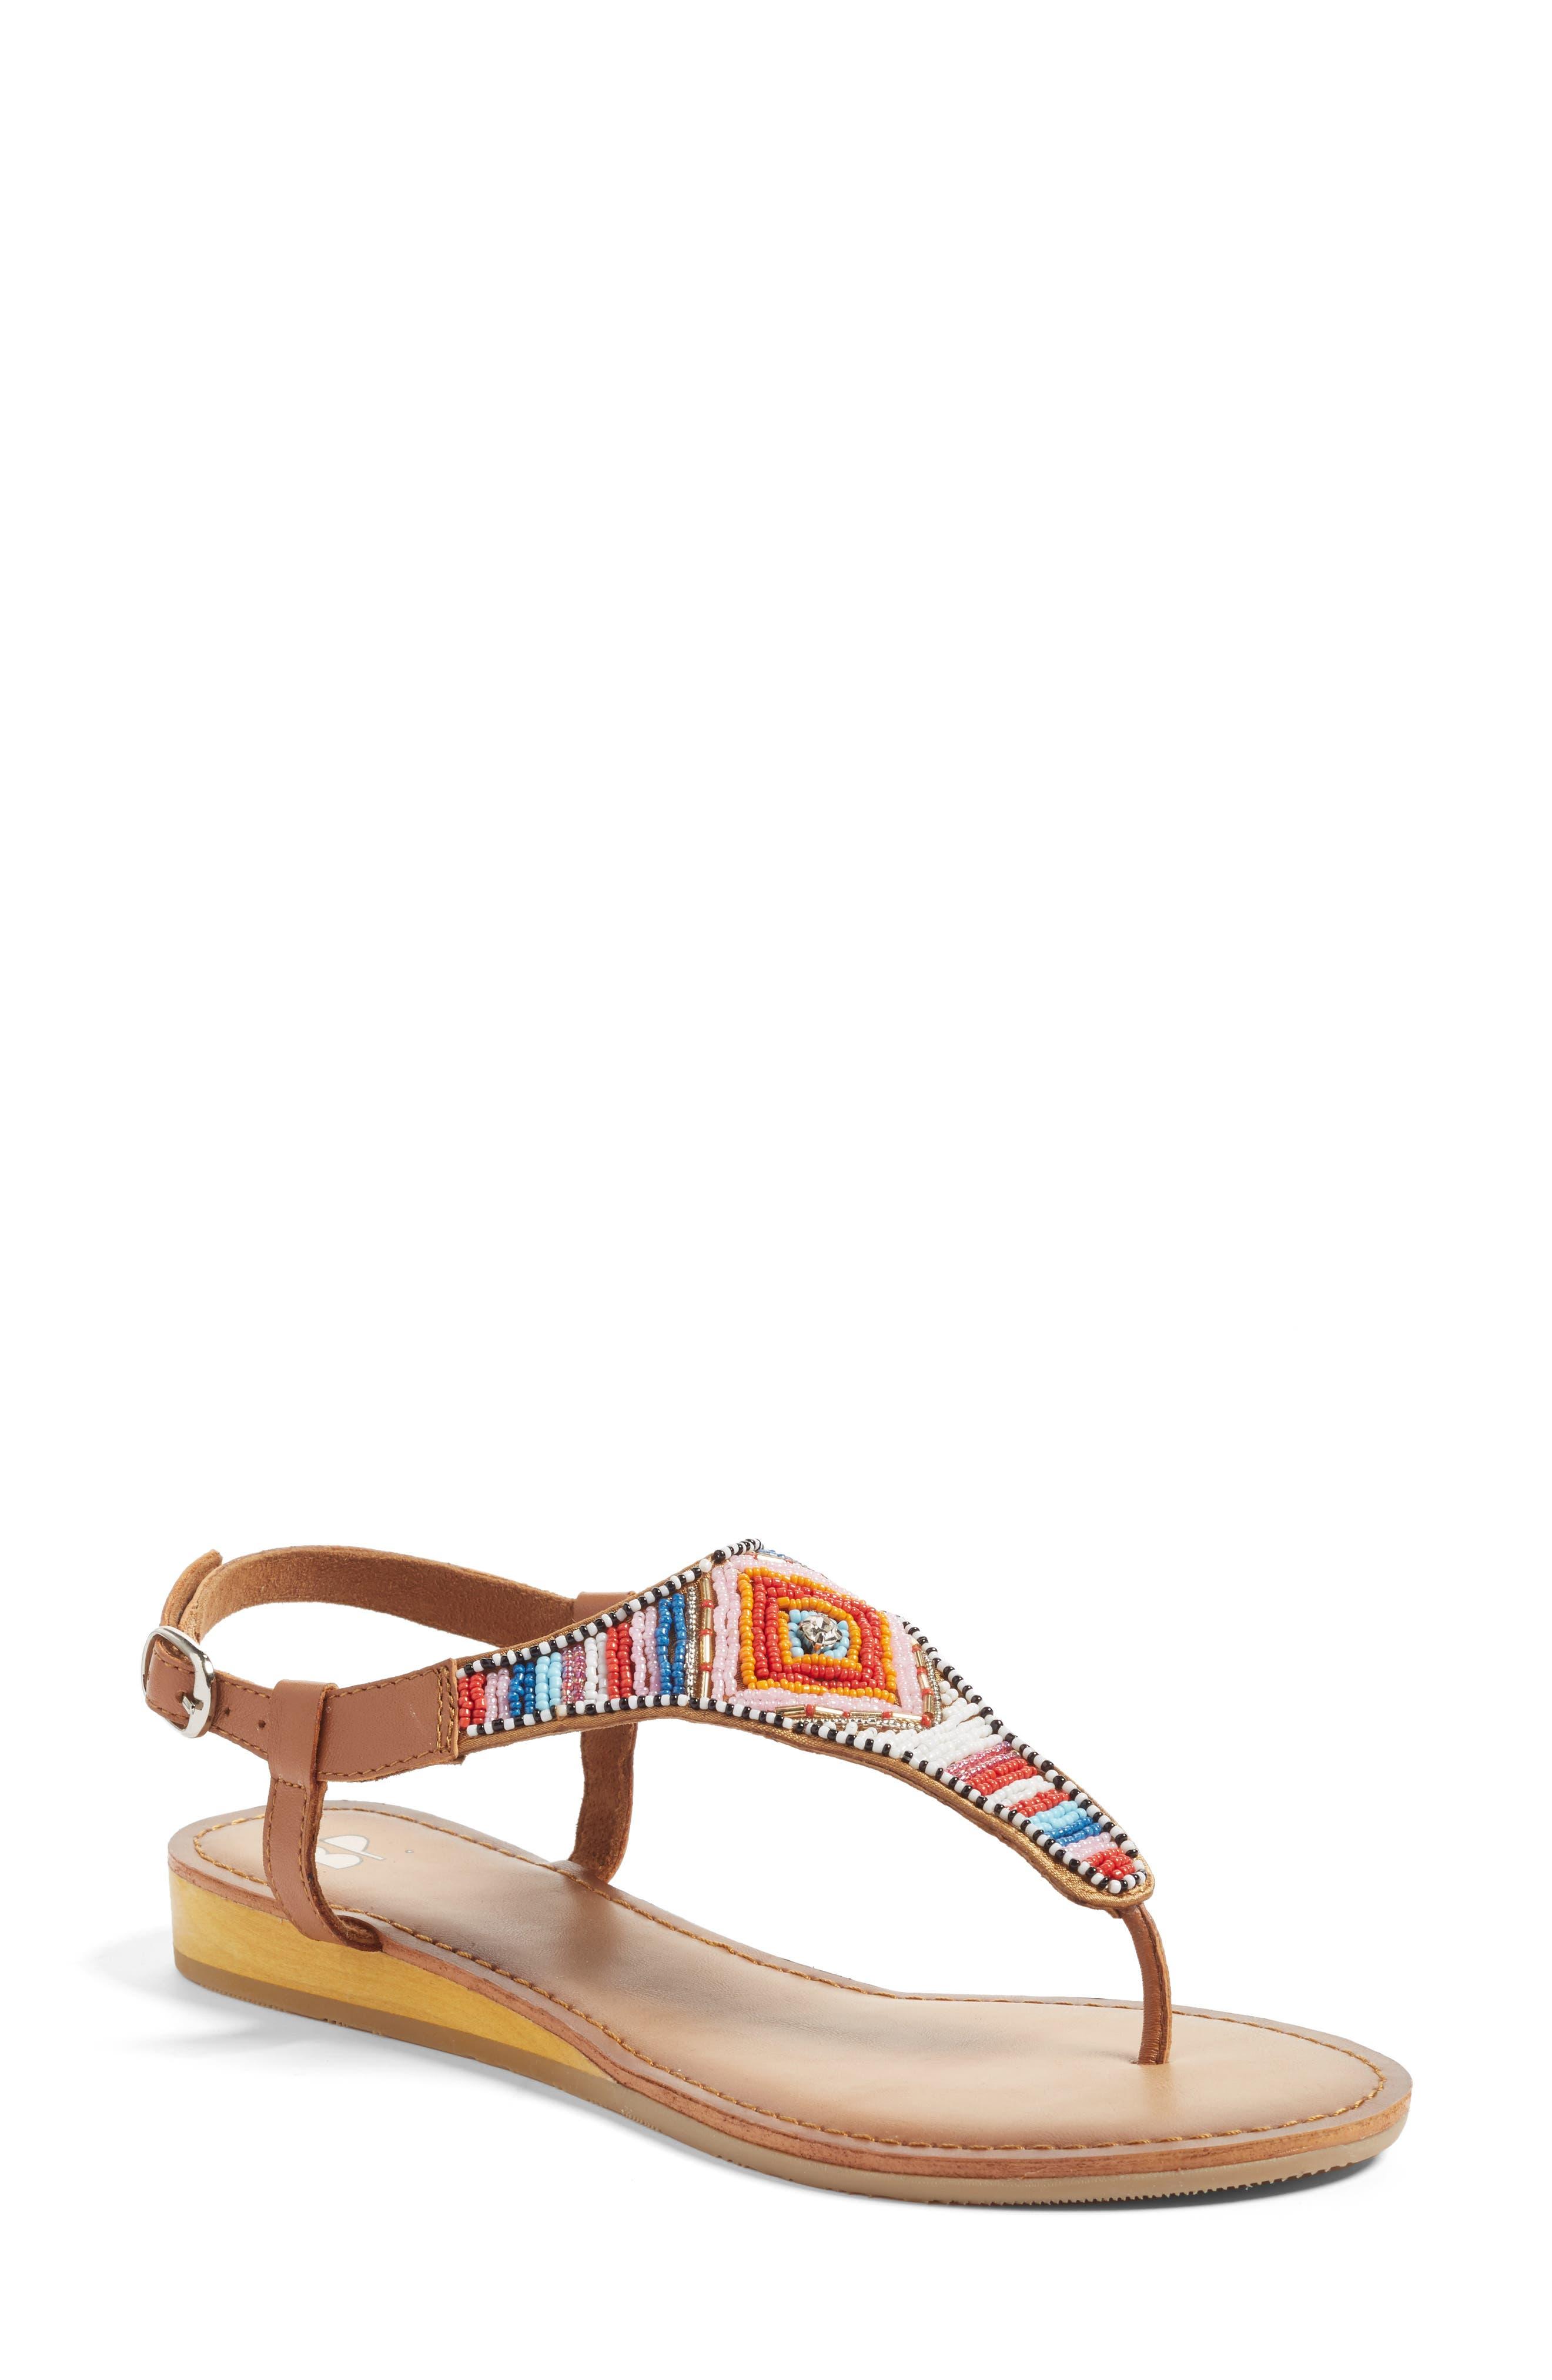 Zandra Beaded V-Strap Sandal,                         Main,                         color, 200